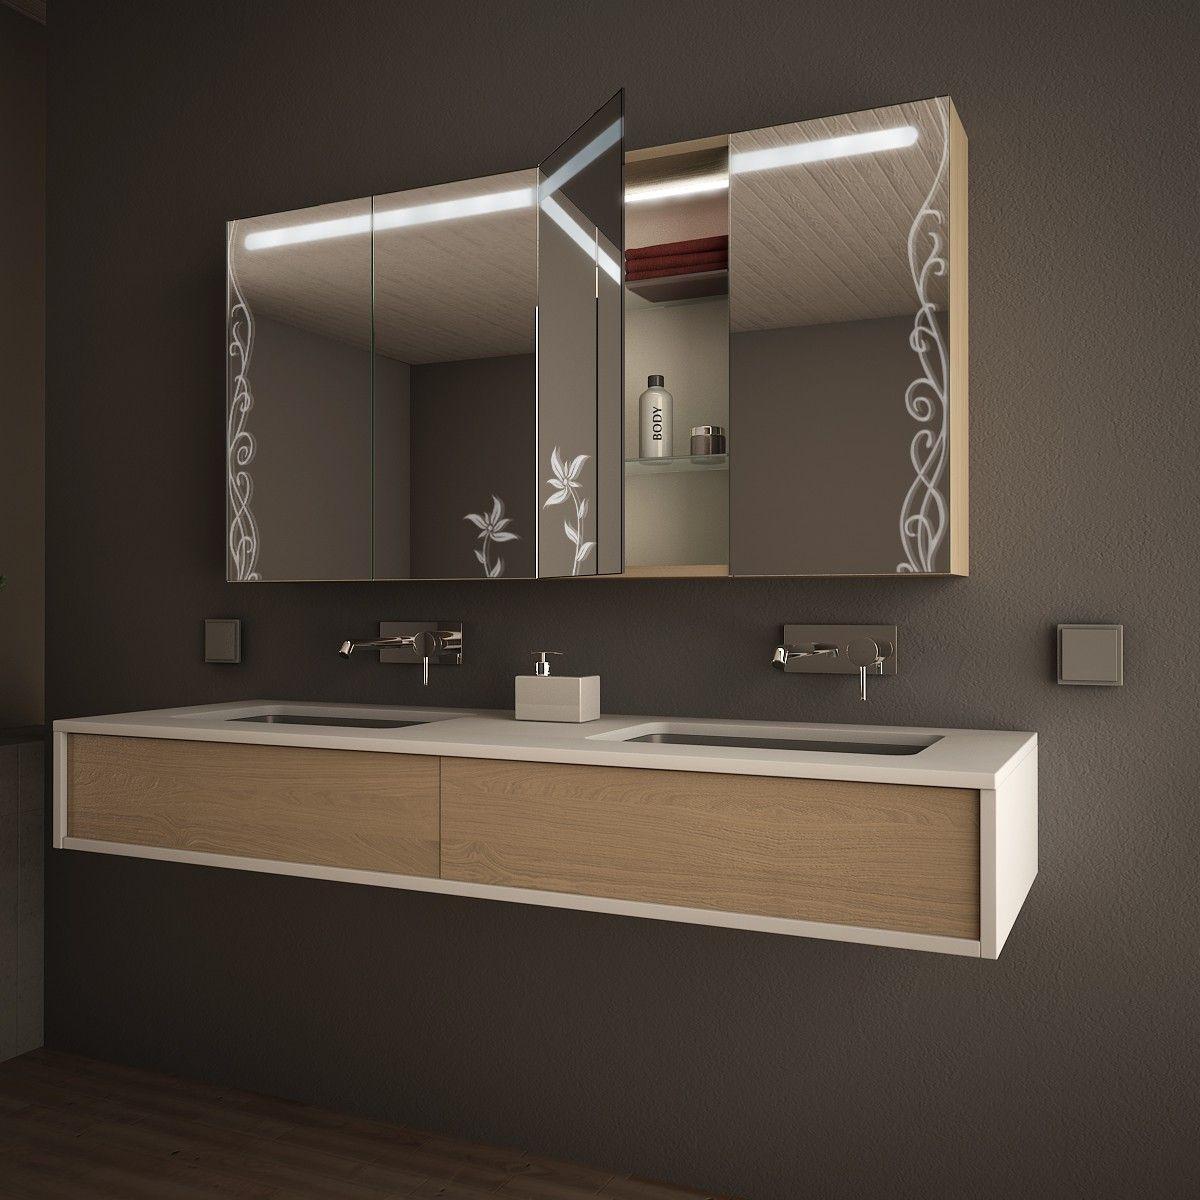 Eine Kombination Von Stilvollem Design Und Funktionalitat Der